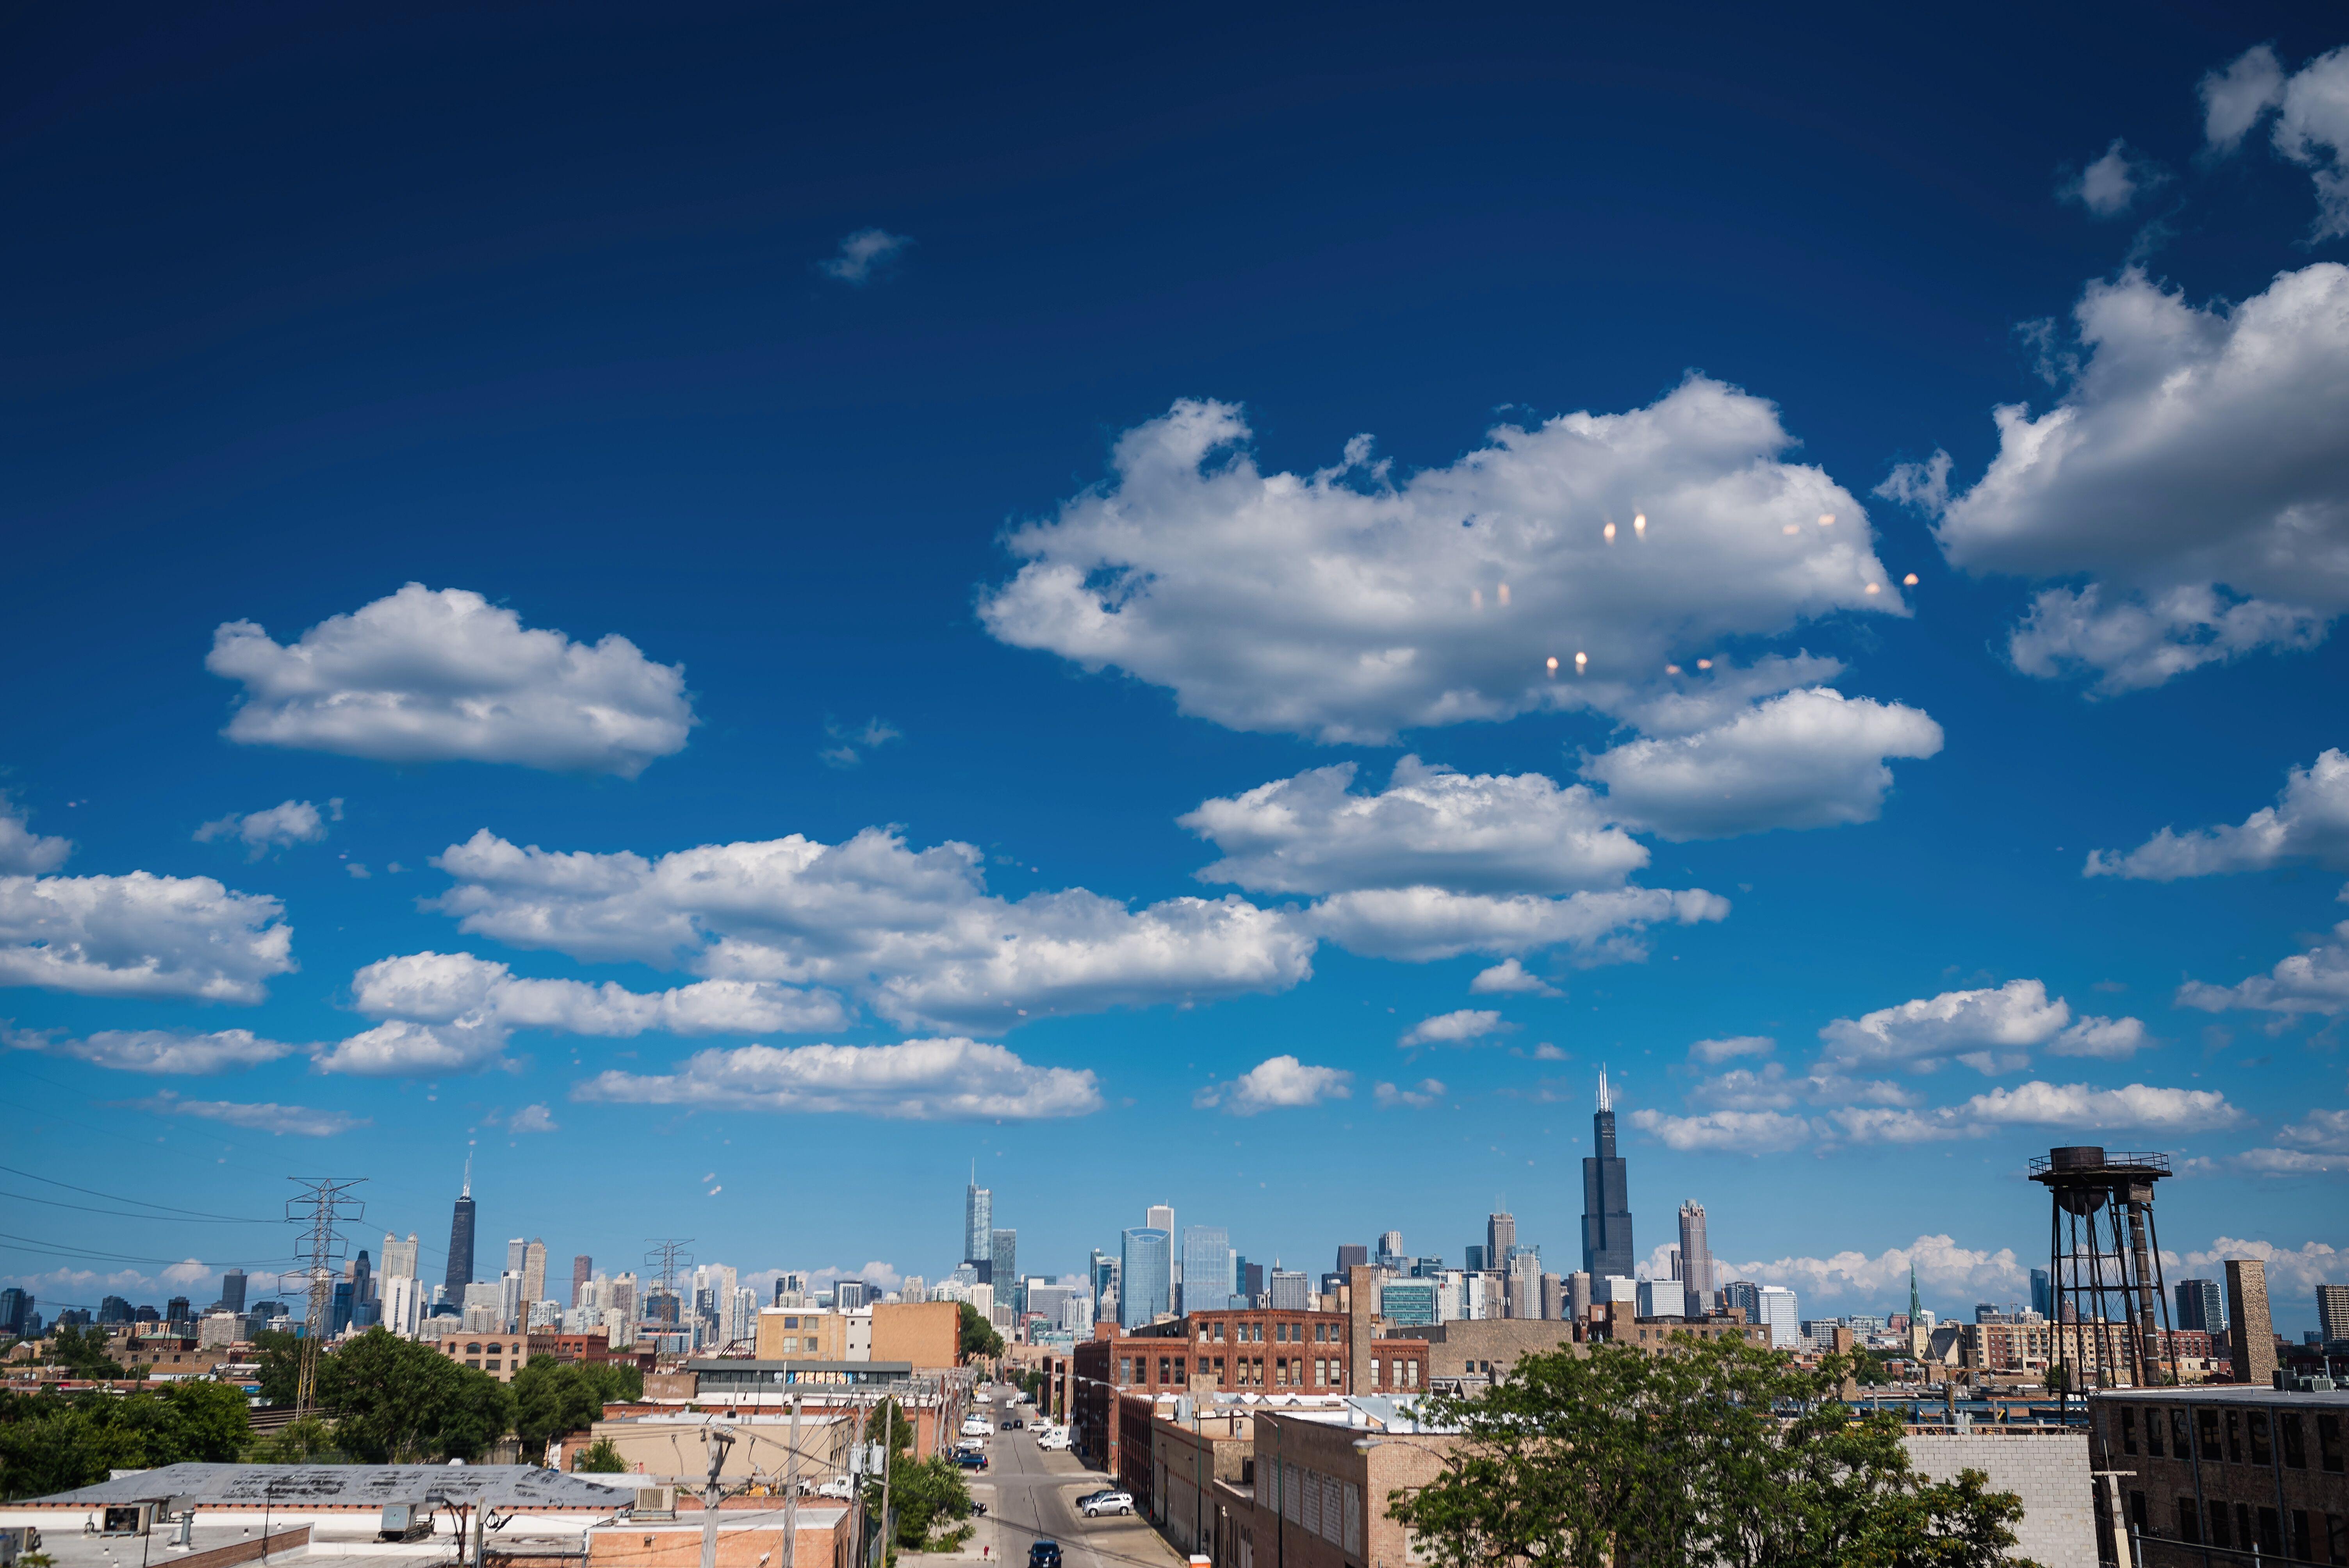 City View Loft Top Chicago Il Wedding Venue